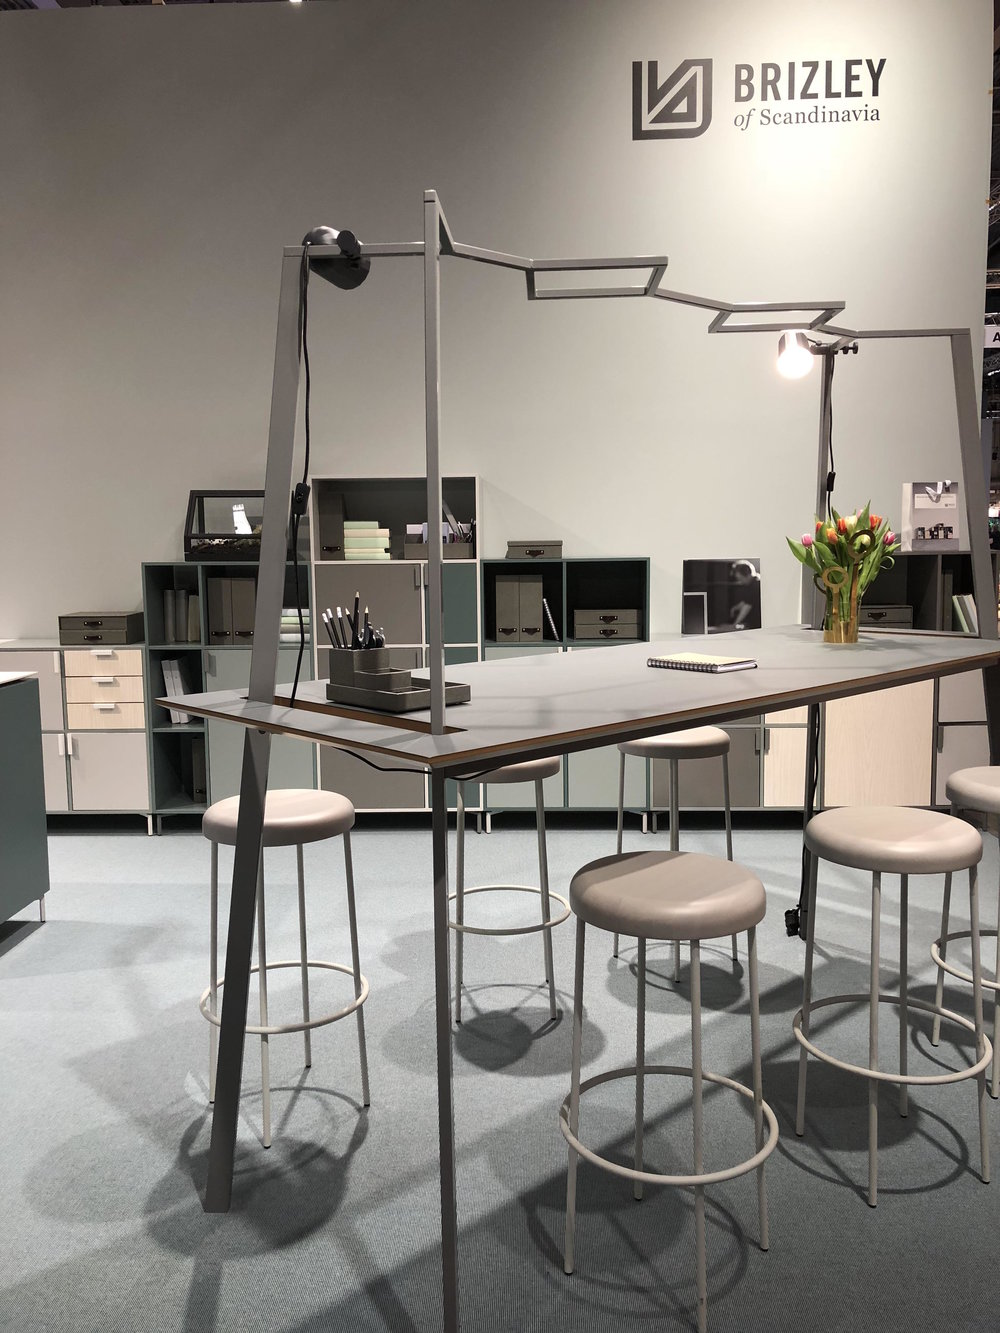 brizley-furniture-fair.jpg